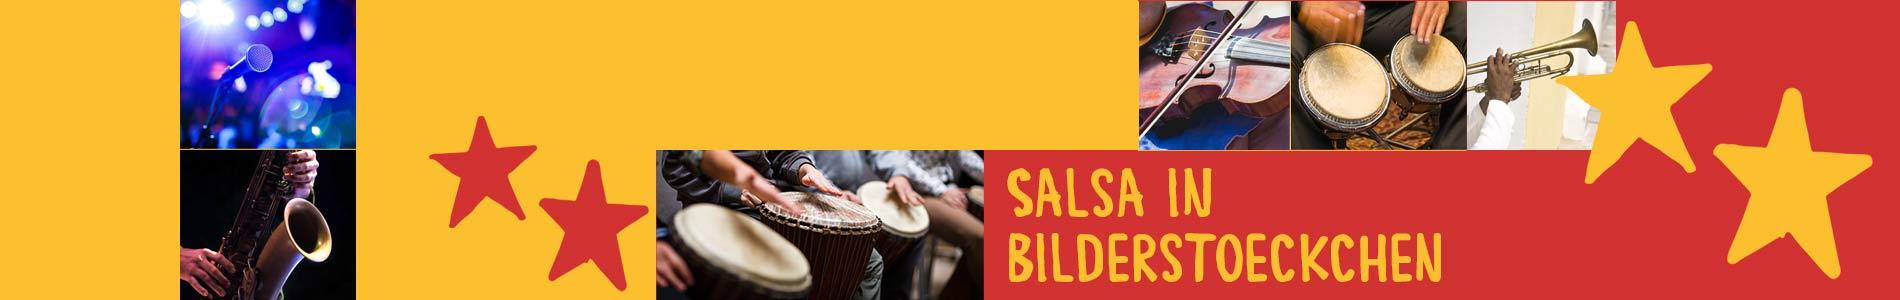 Salsa in Bilderstoeckchen – Salsa lernen und tanzen, Tanzkurse, Partys, Veranstaltungen